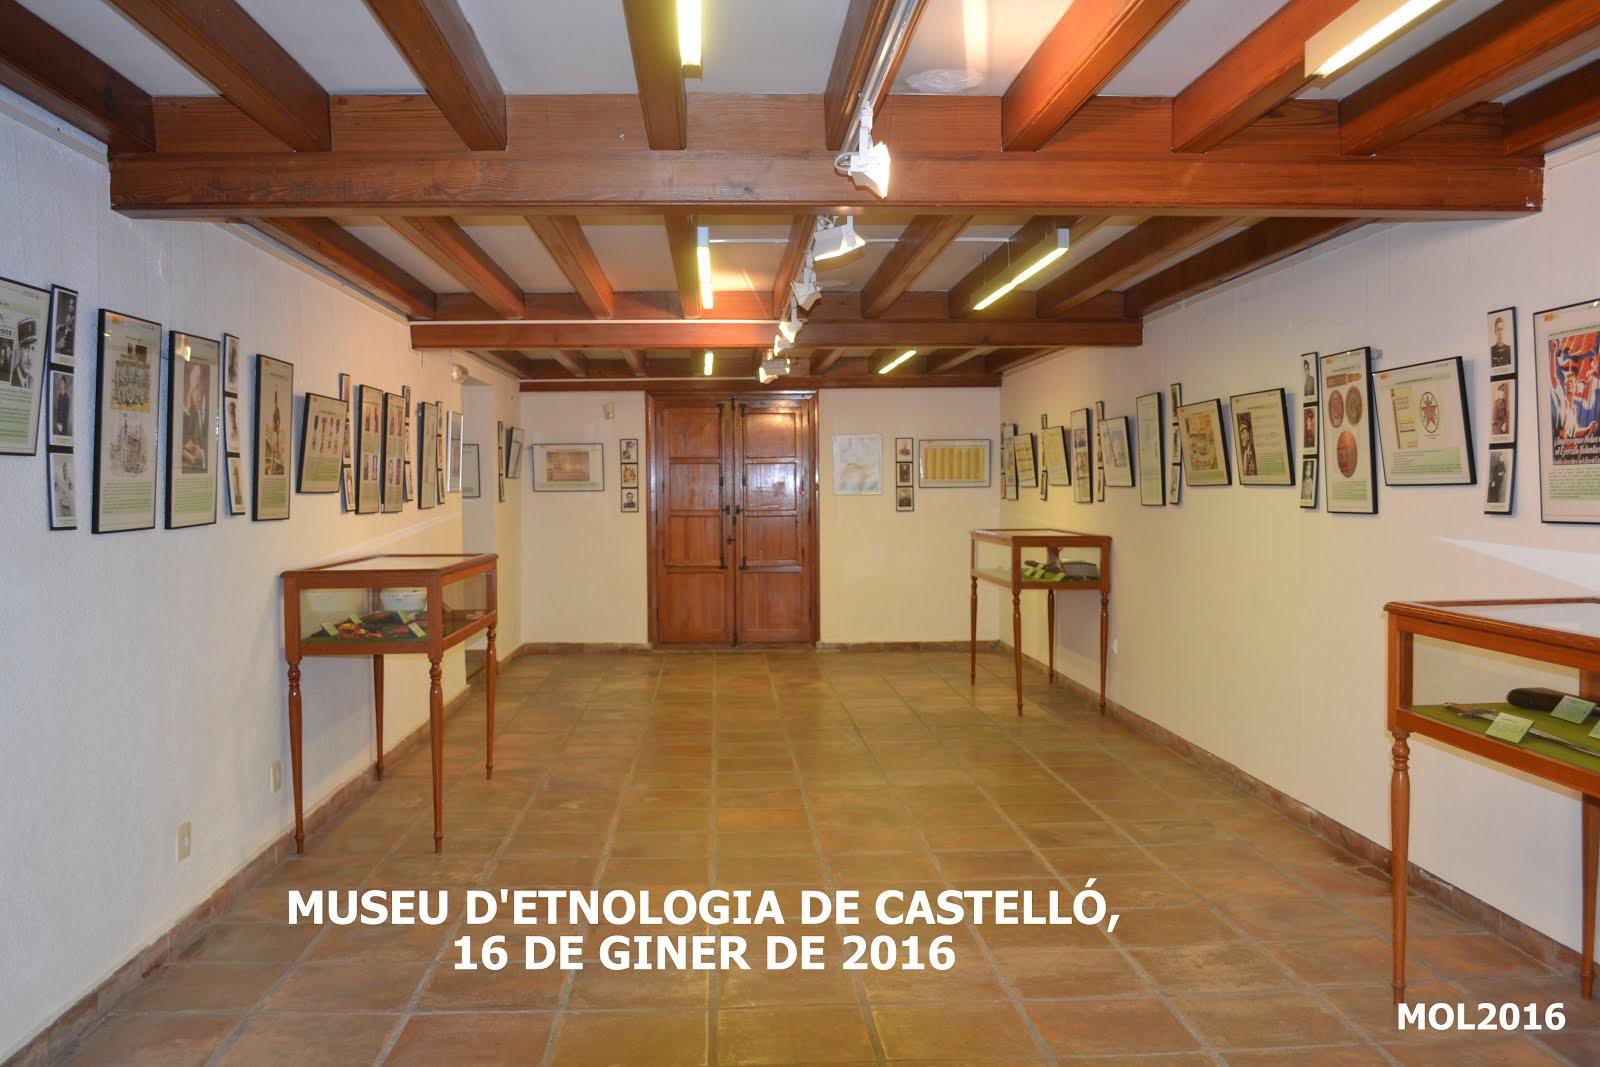 MUSEU D'ETNOLOGIA DE CASTELLO